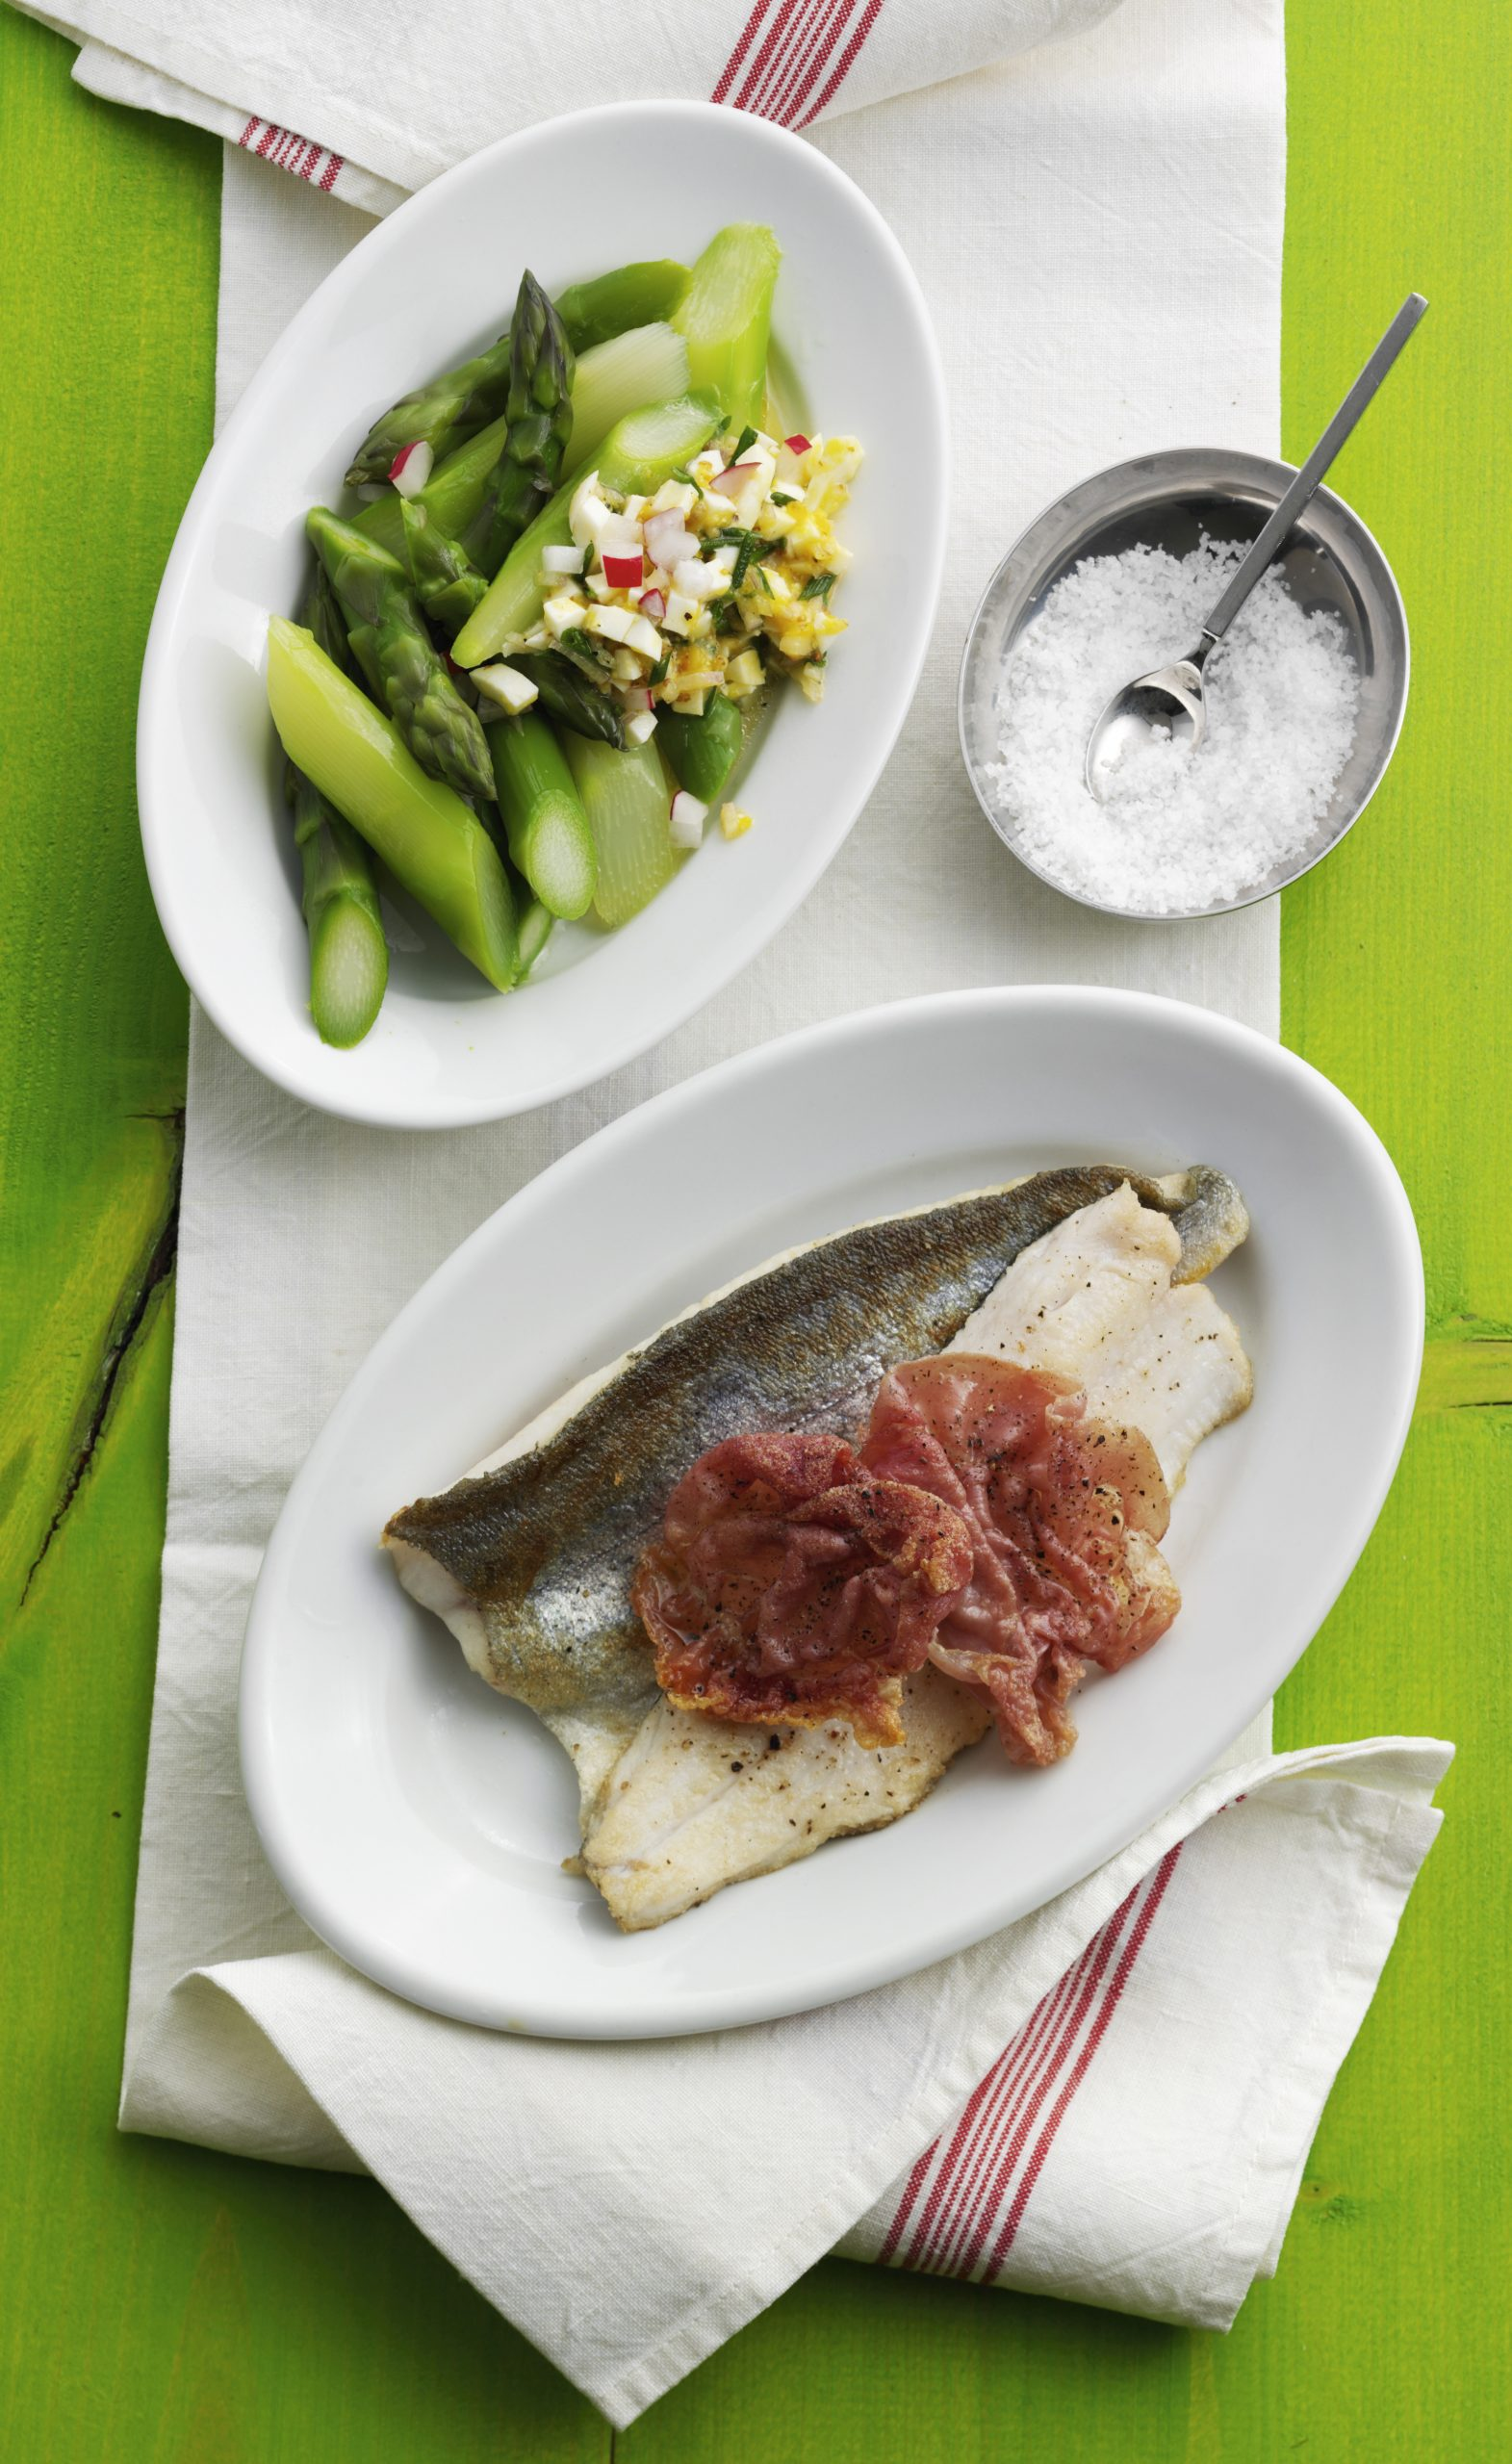 Salade d'asperges et filets de poisson